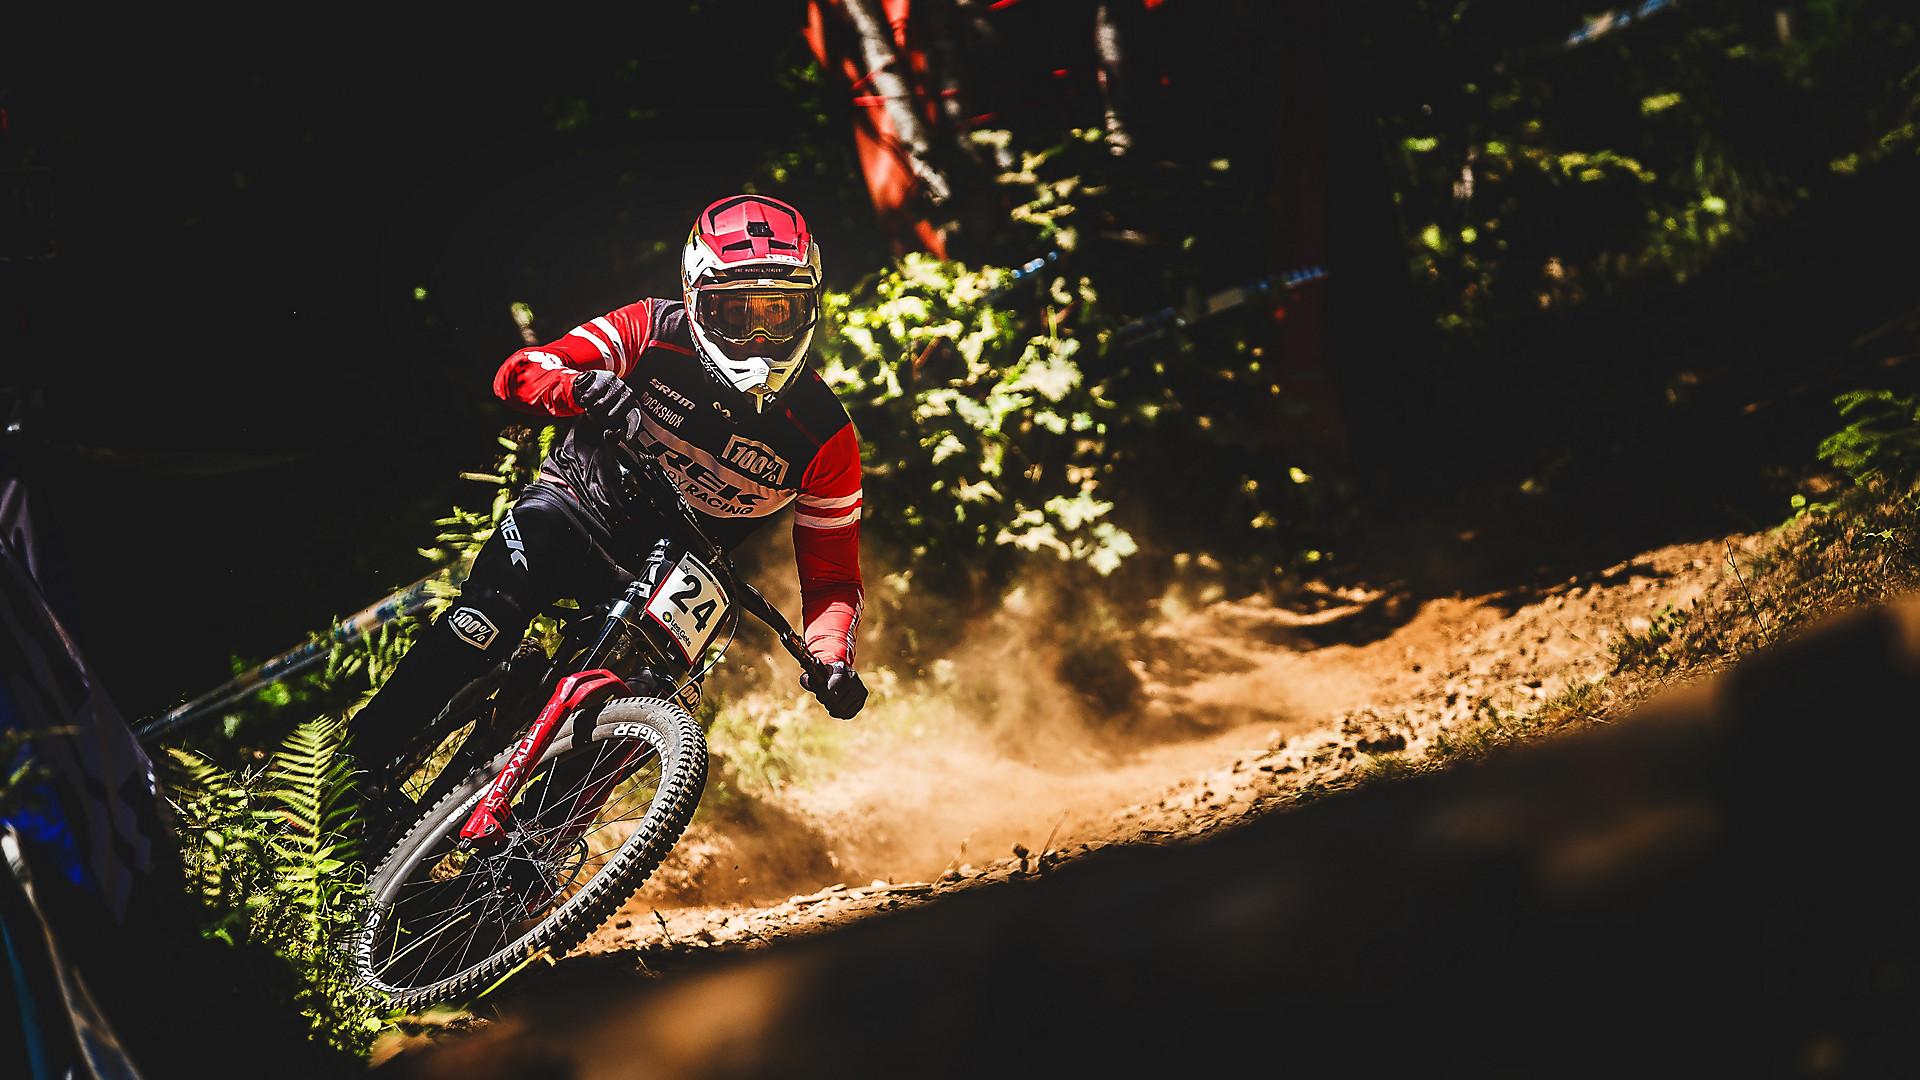 bike de downhill